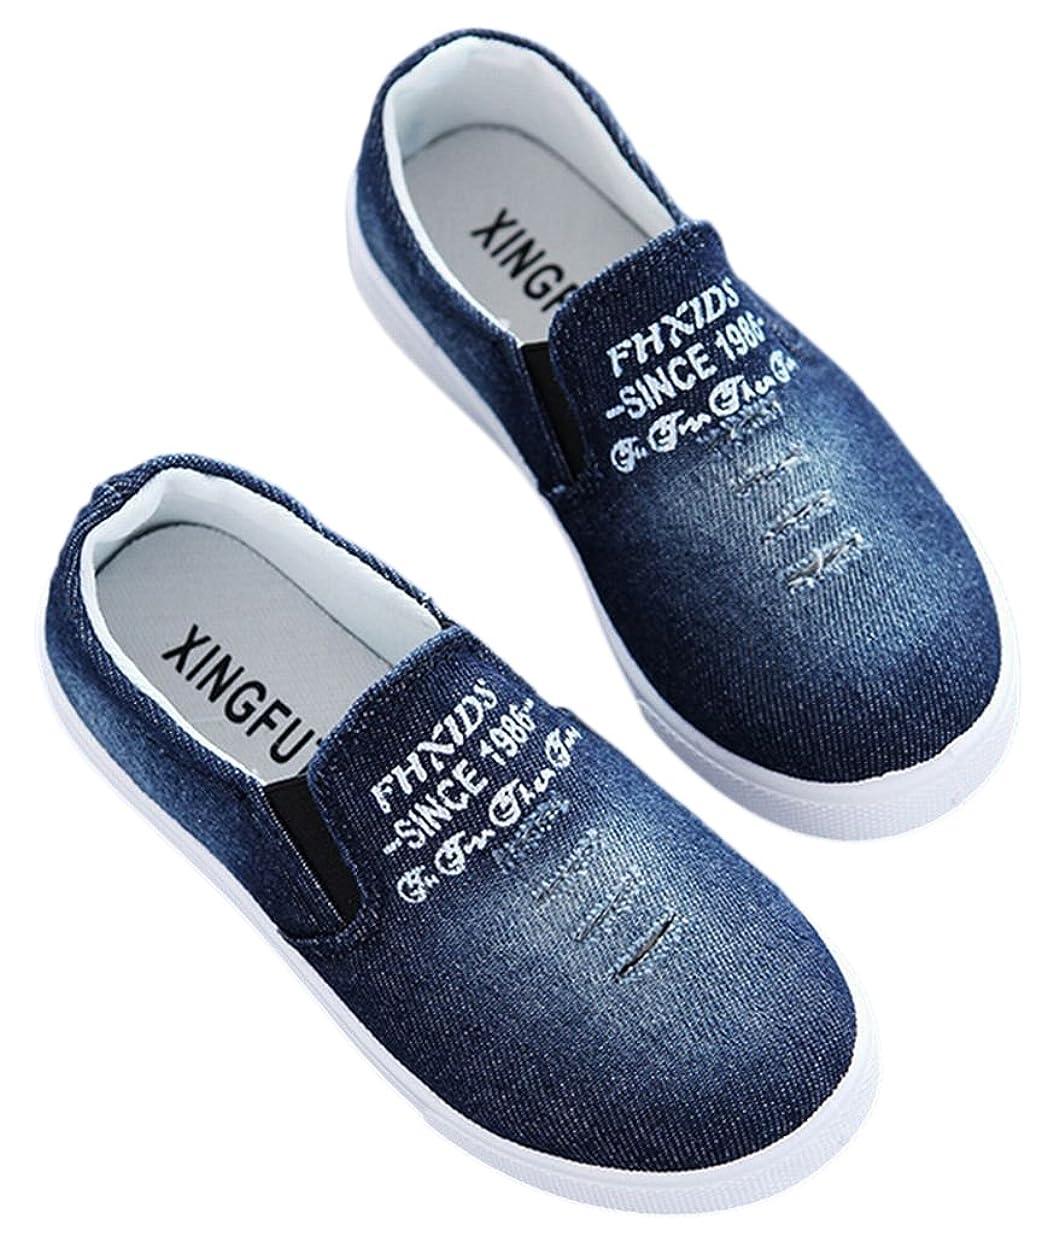 強いますとにかく達成可能Plus Nao(プラスナオ) 靴 シューズ くつ スニーカー スリッポン 子供 子ども キッズ ジュニア 男の子 女の子 ユニセックス カジュアル 紐な